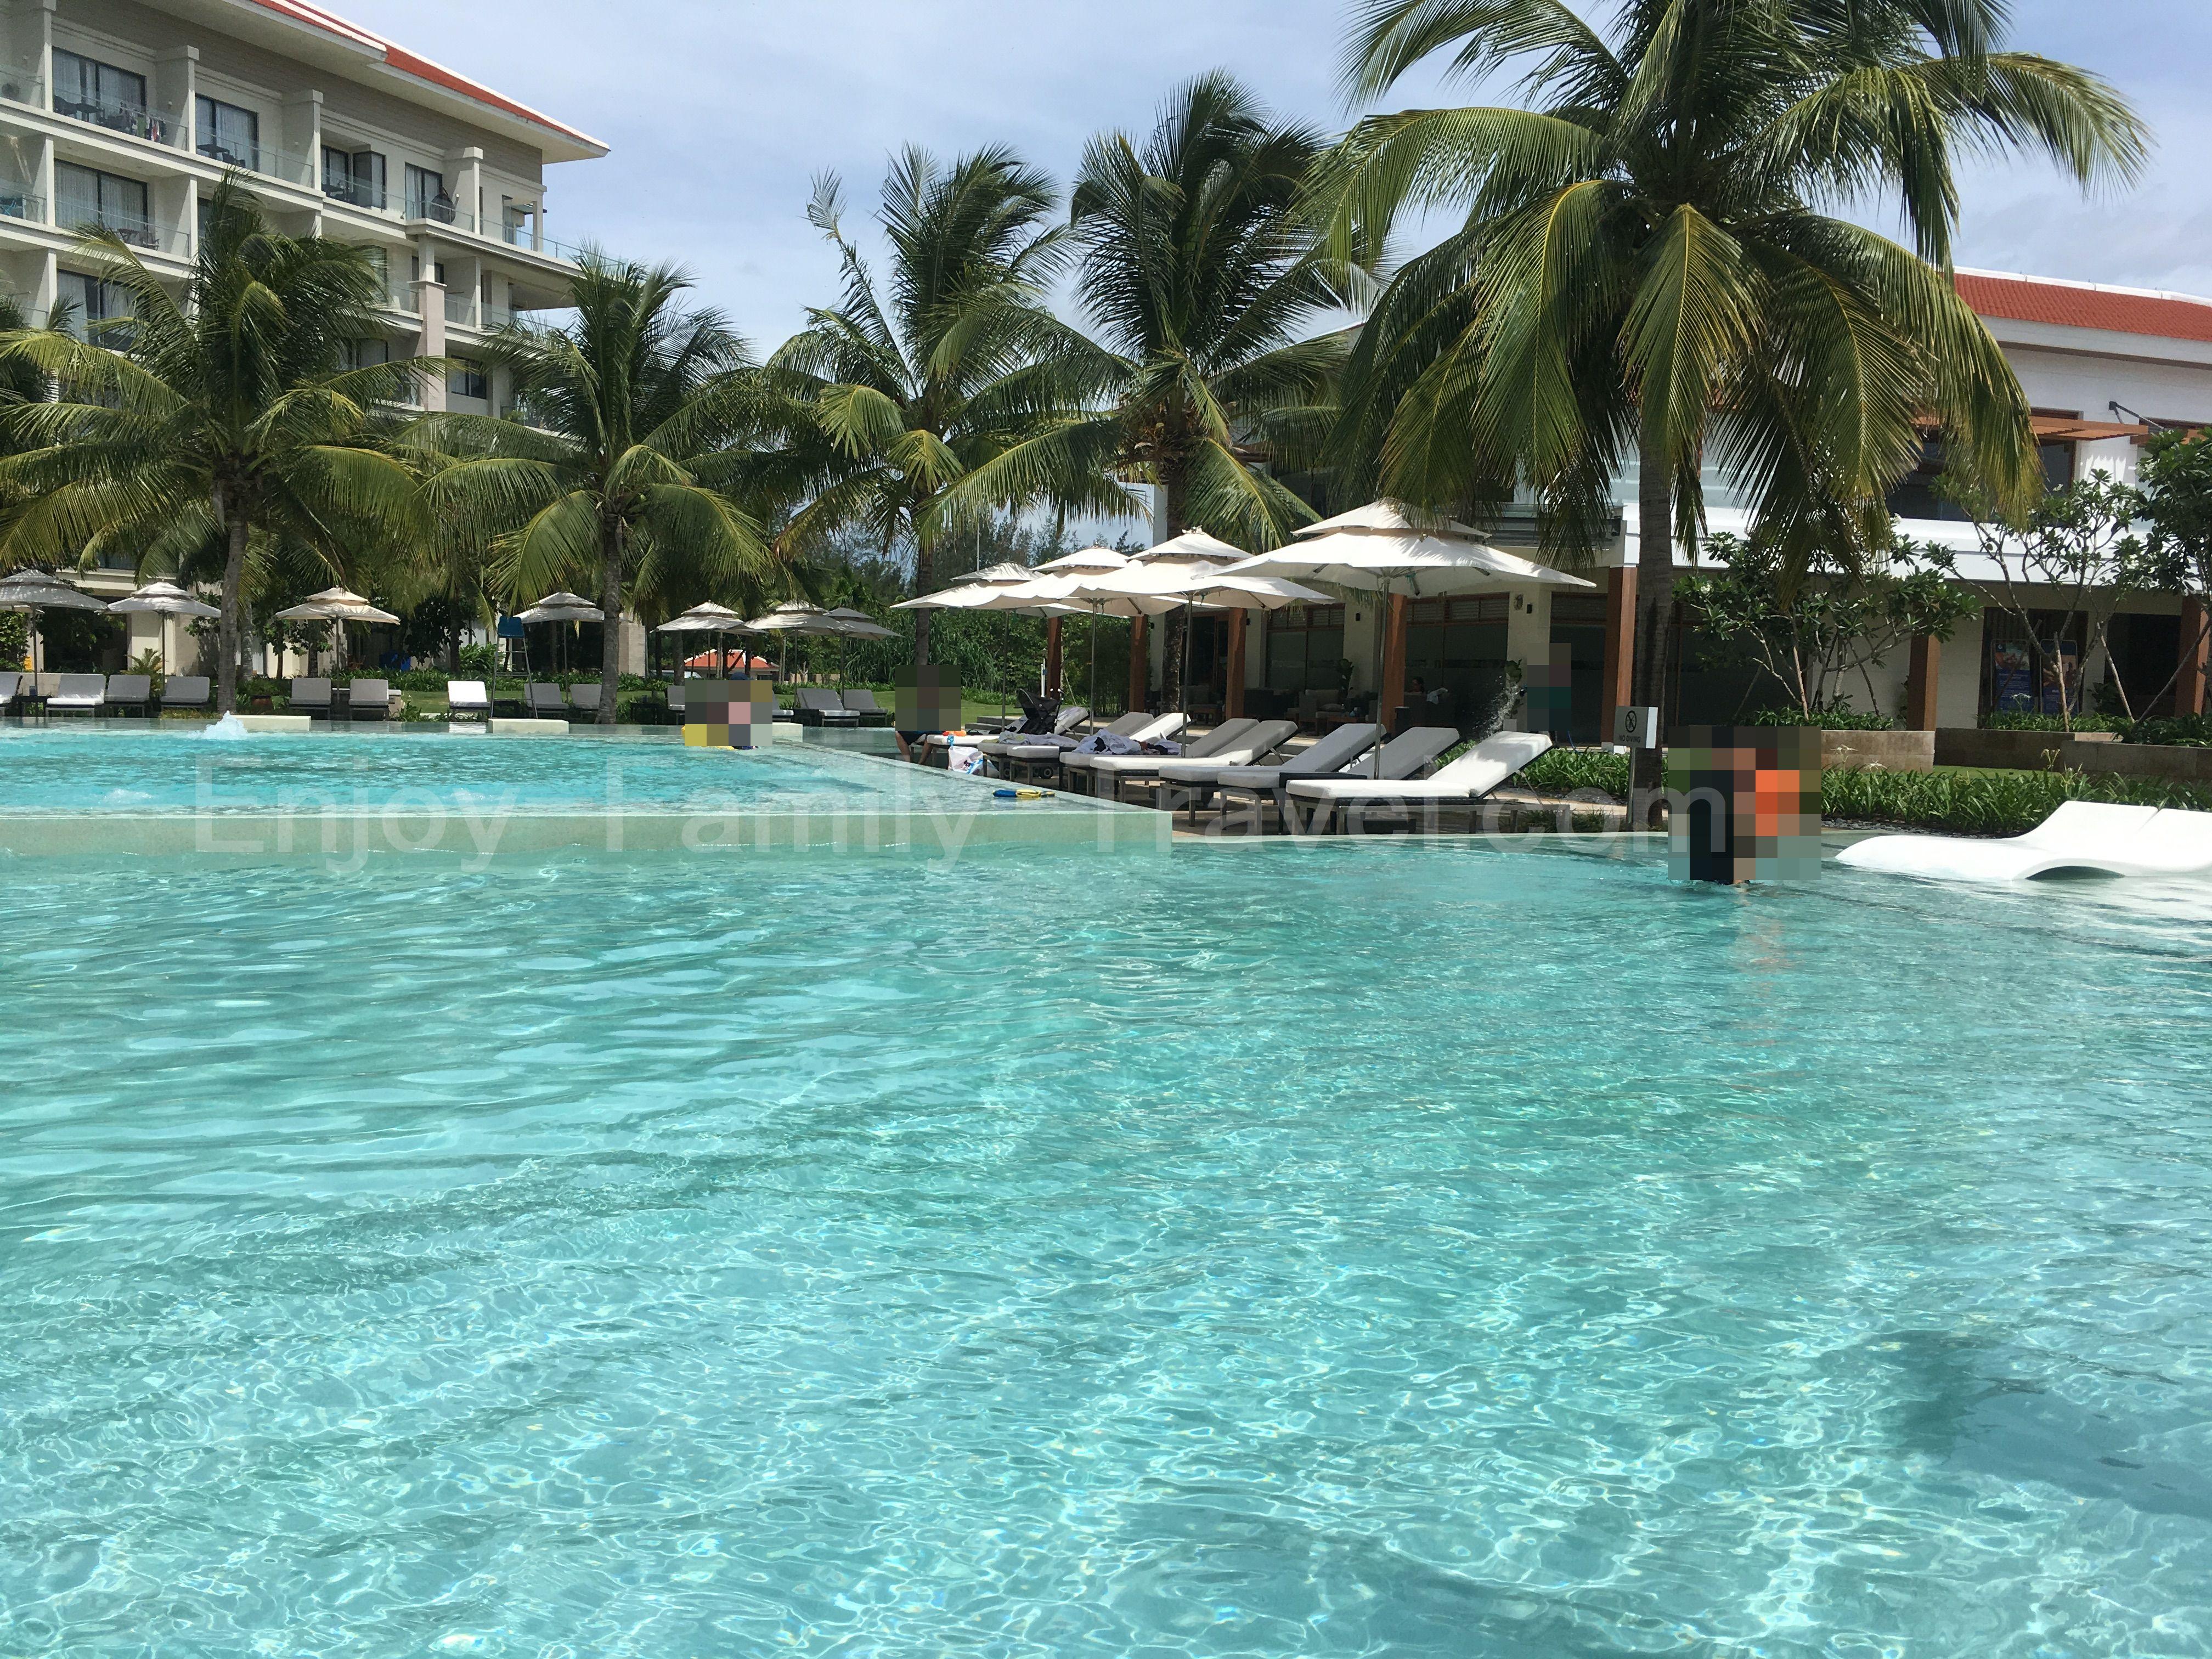 ベトナム・ダナン、ジ・オーシャン・リゾート・ヴィラ、ジ・オーシャン・リゾート・スイートアパートメントのプール